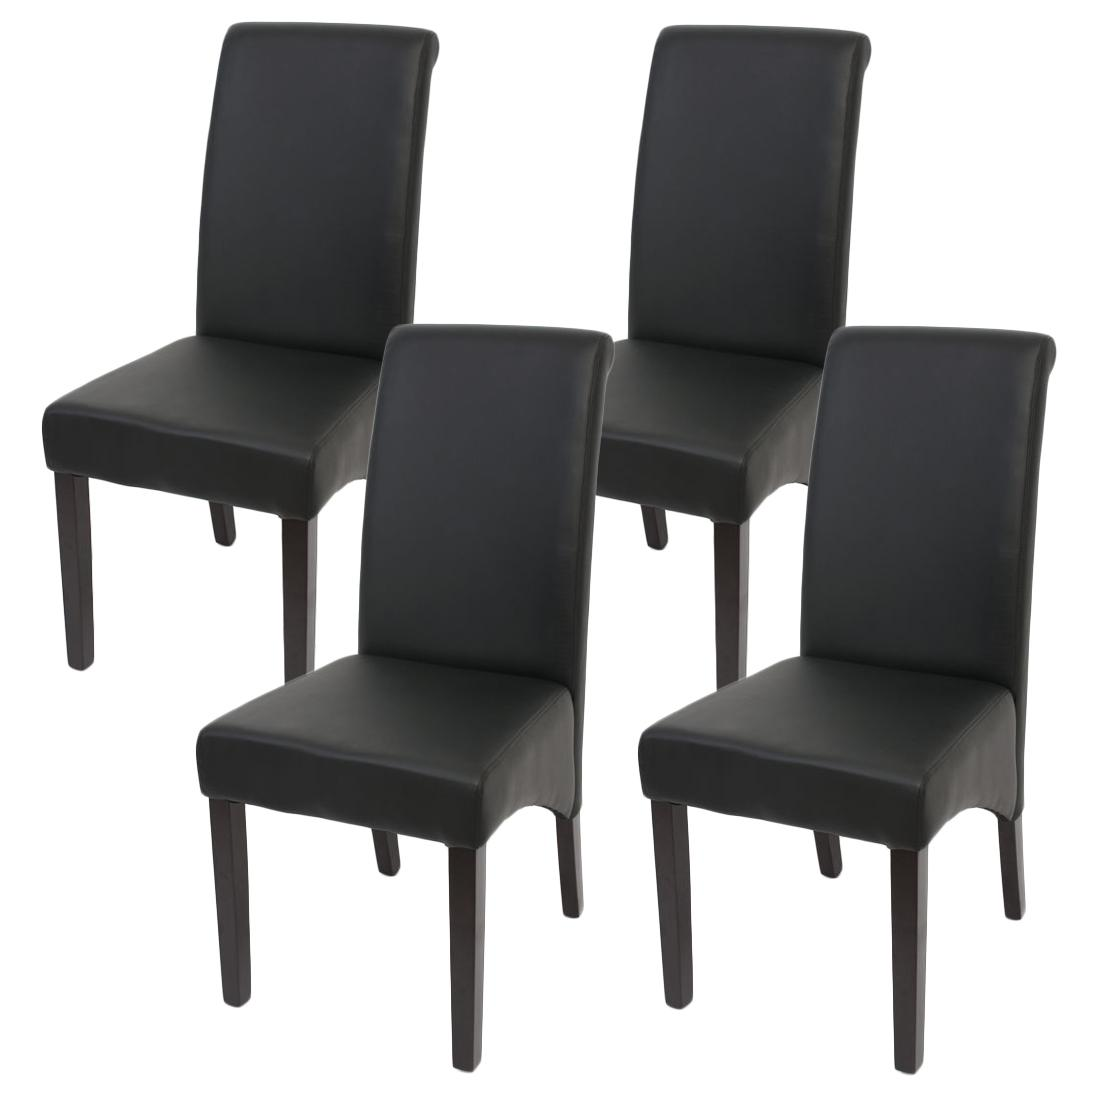 Lote 4 sillas de comedor turin tapizadas en piel negra y for Sillas tapizadas comedor